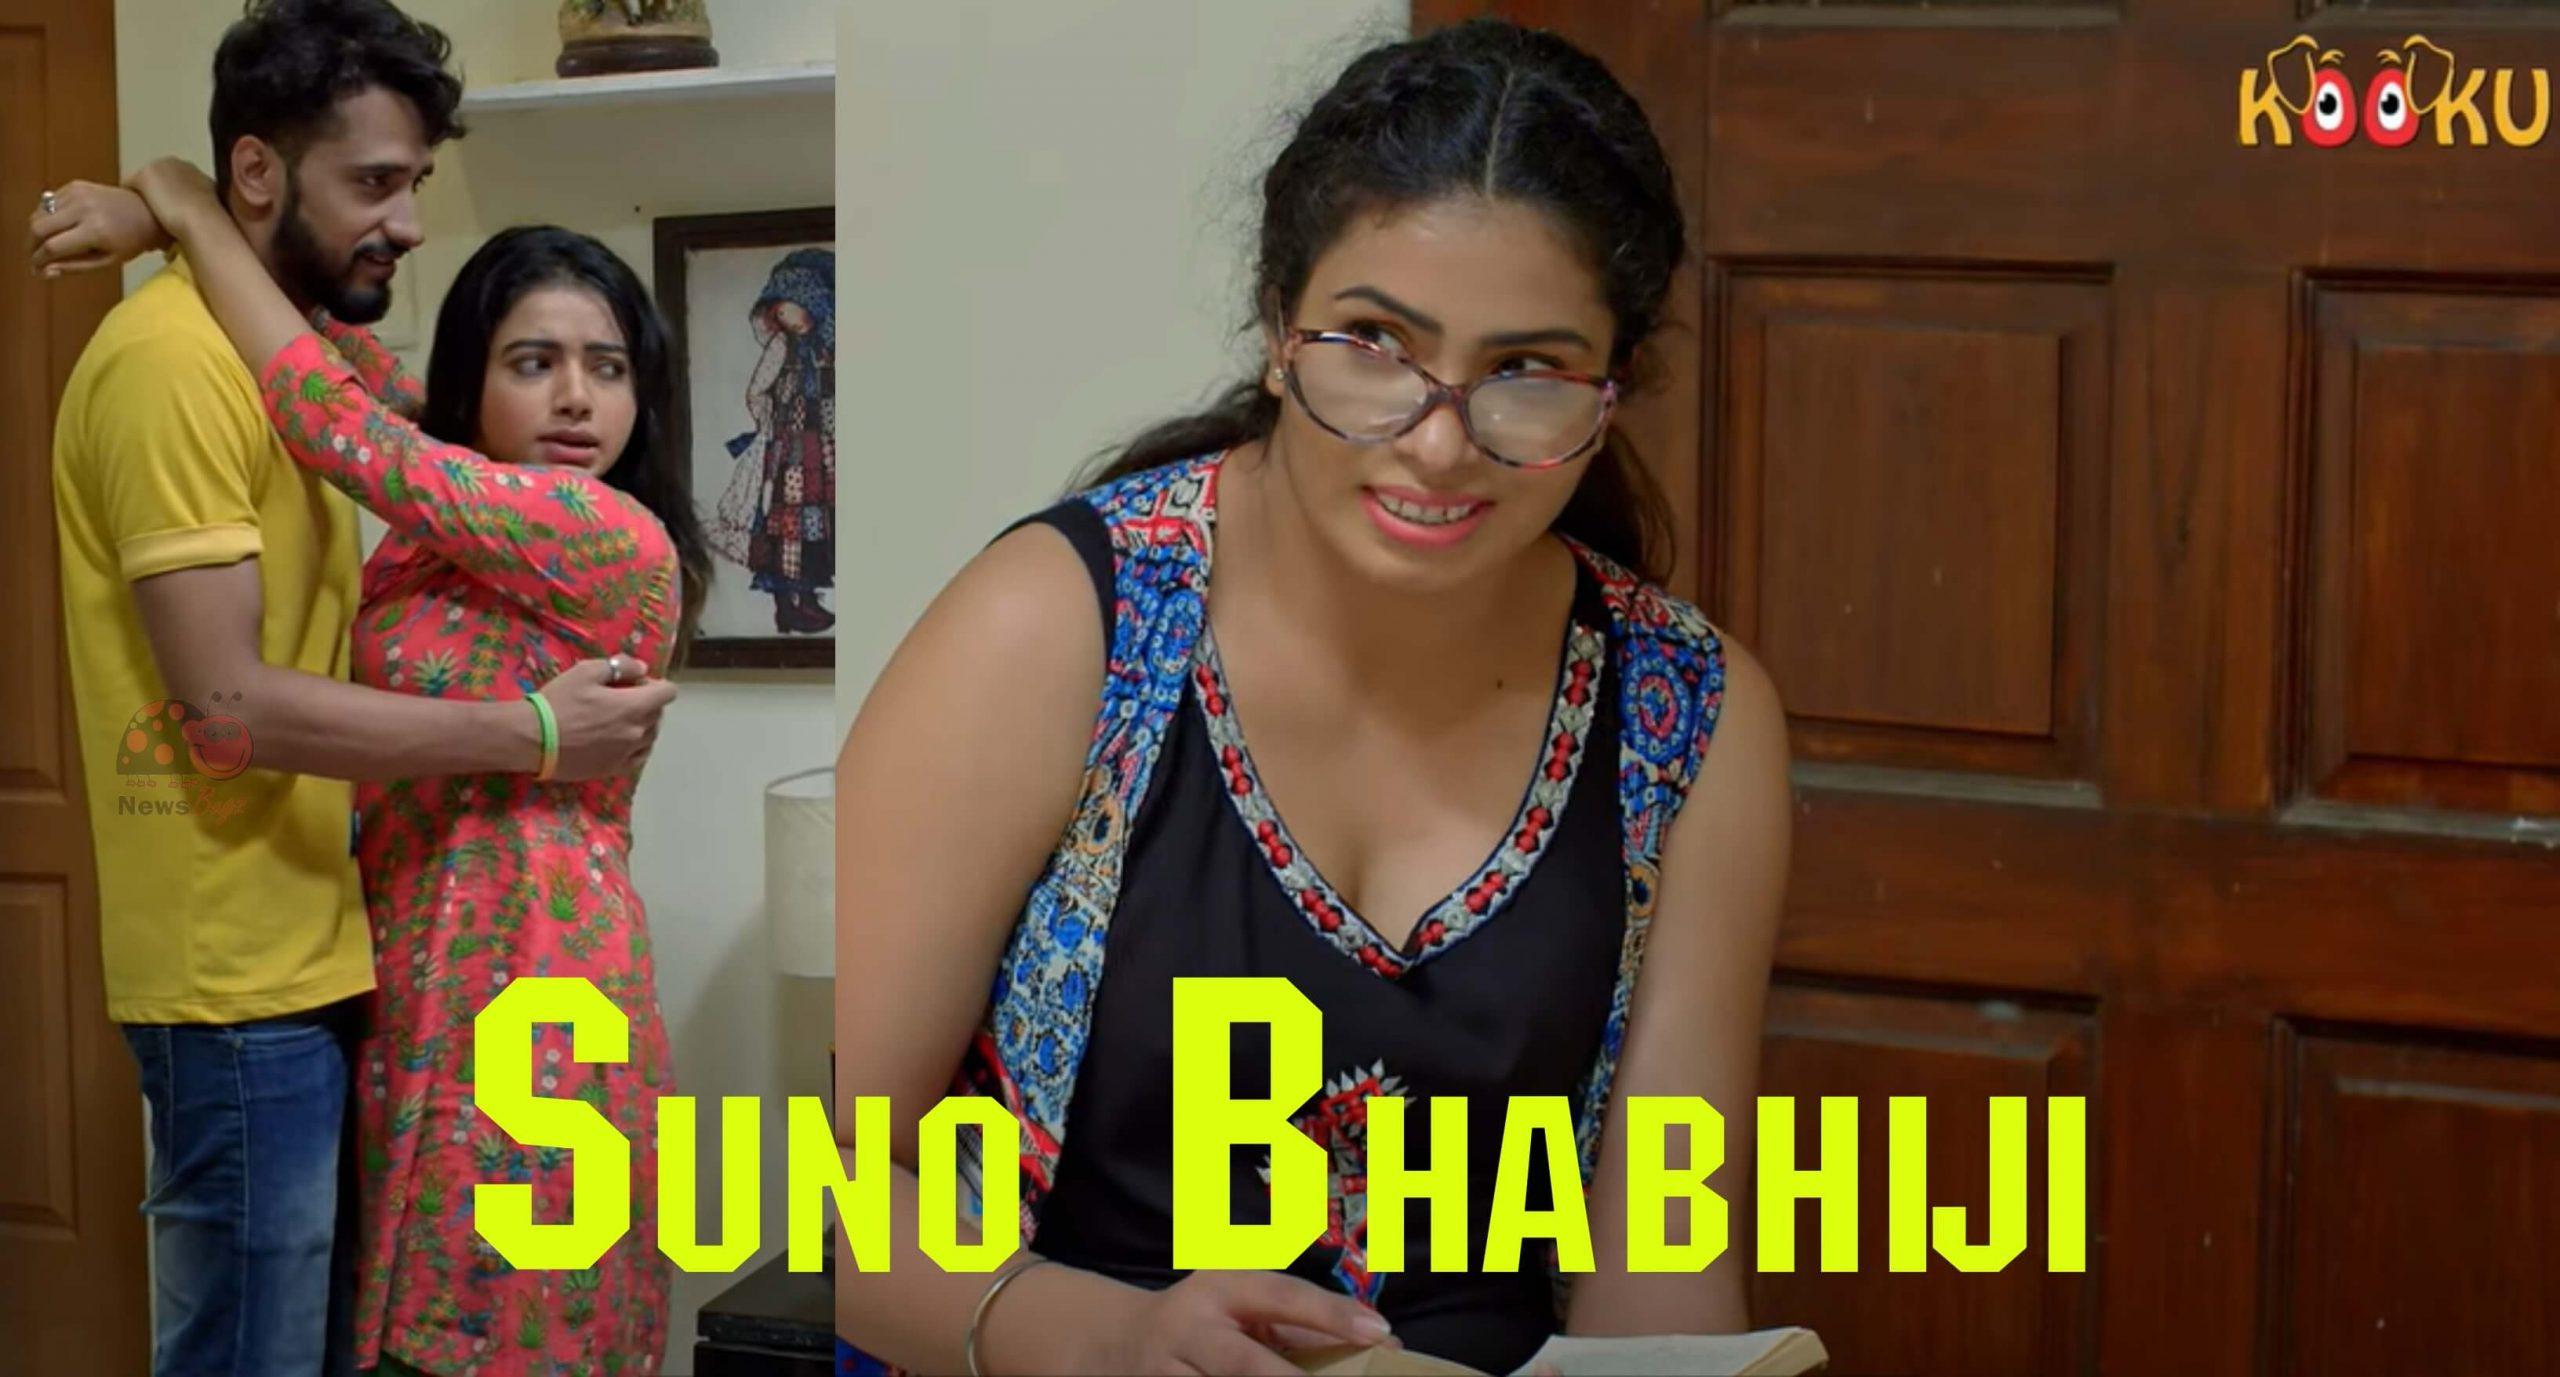 Suno Babhiji Kooku